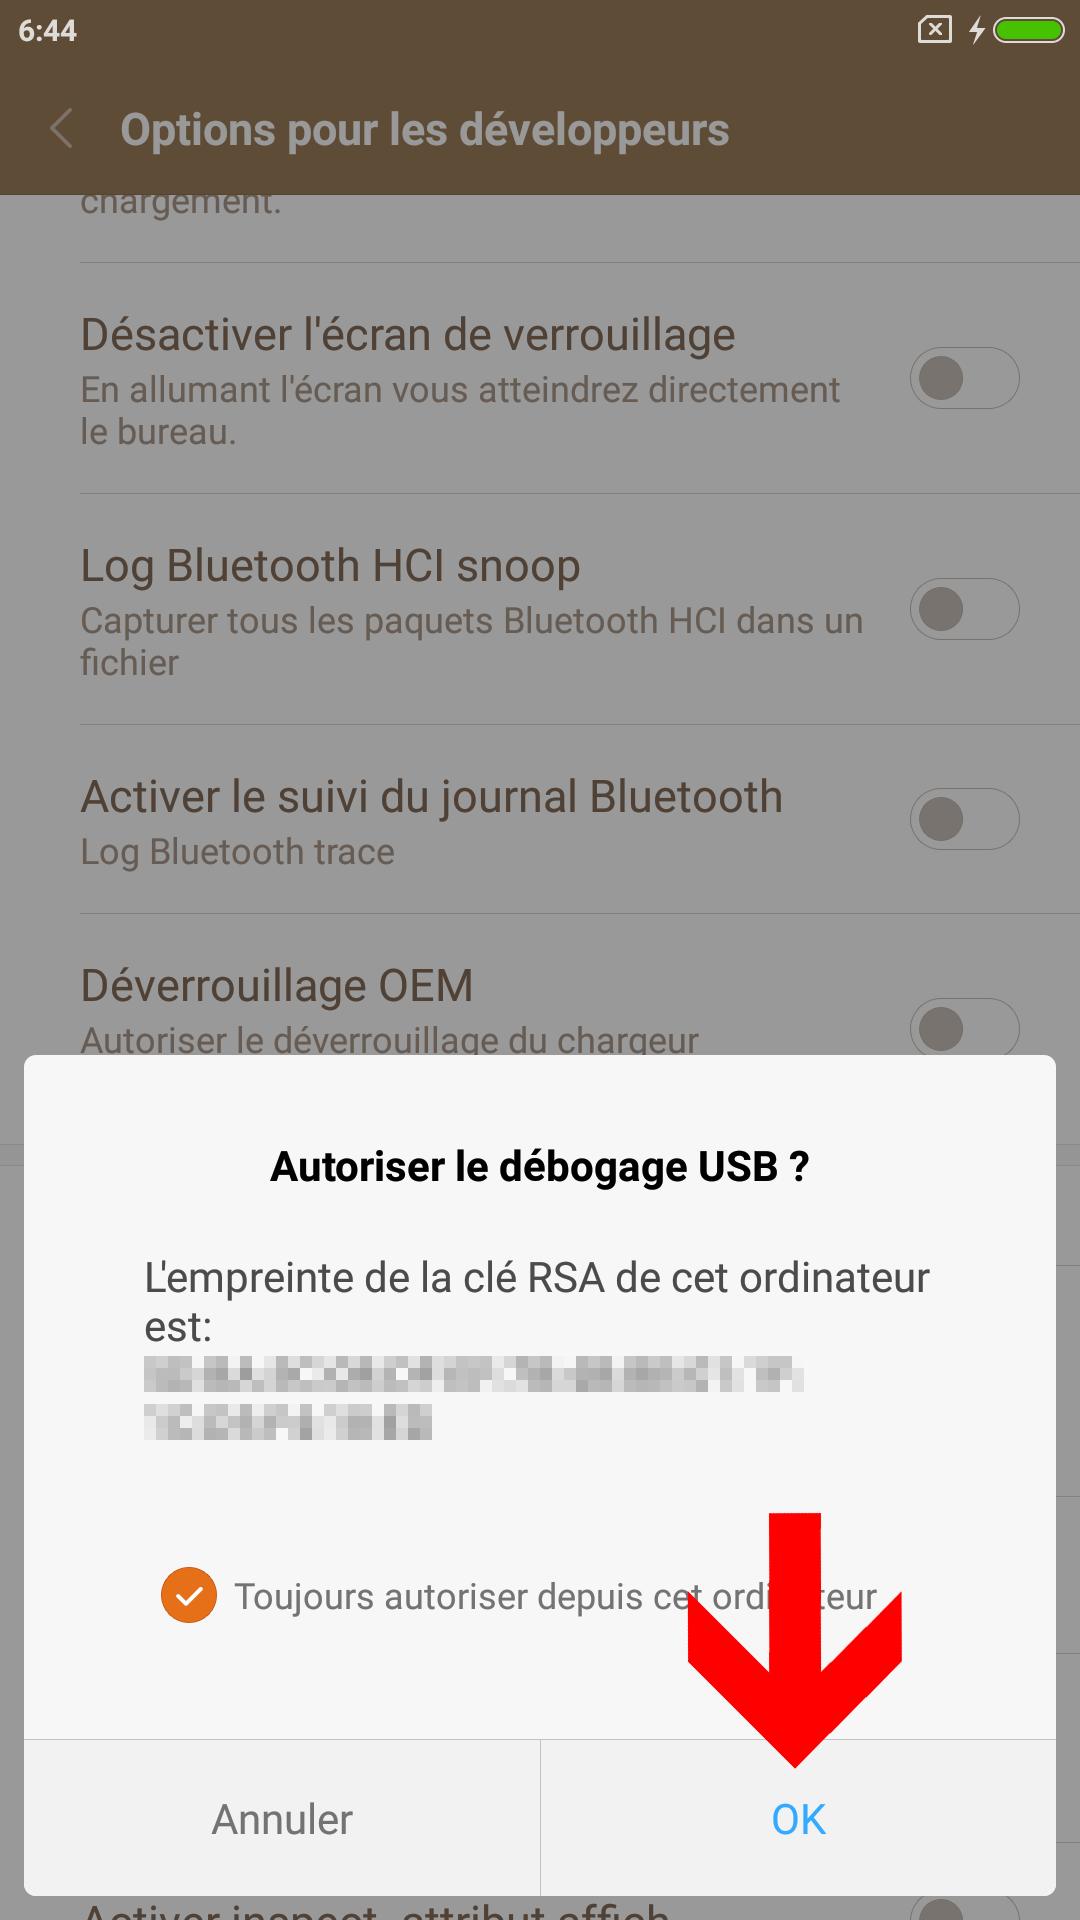 activer-debogage-usb-android-xiaomi-miui